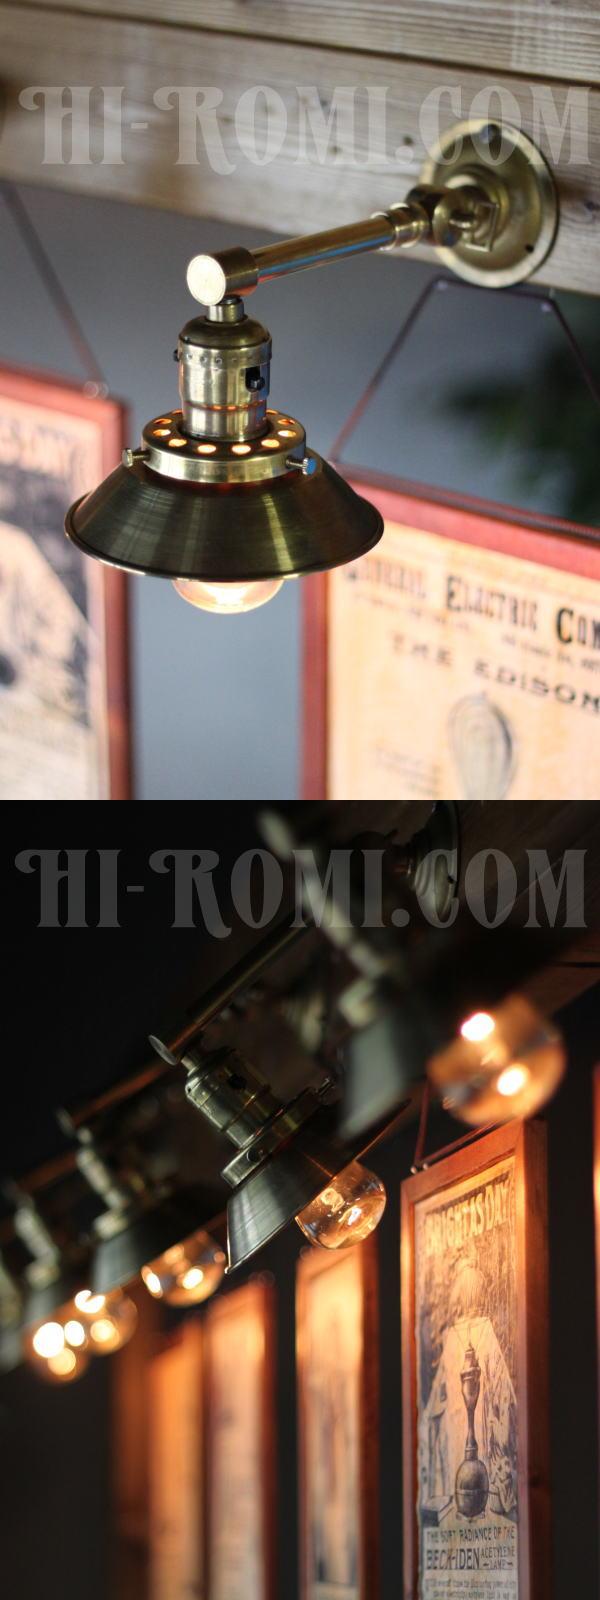 ヴィンテージ工業系角度調整&シェード付きプッシュ式真鍮ソケットライト/アンティーク照明